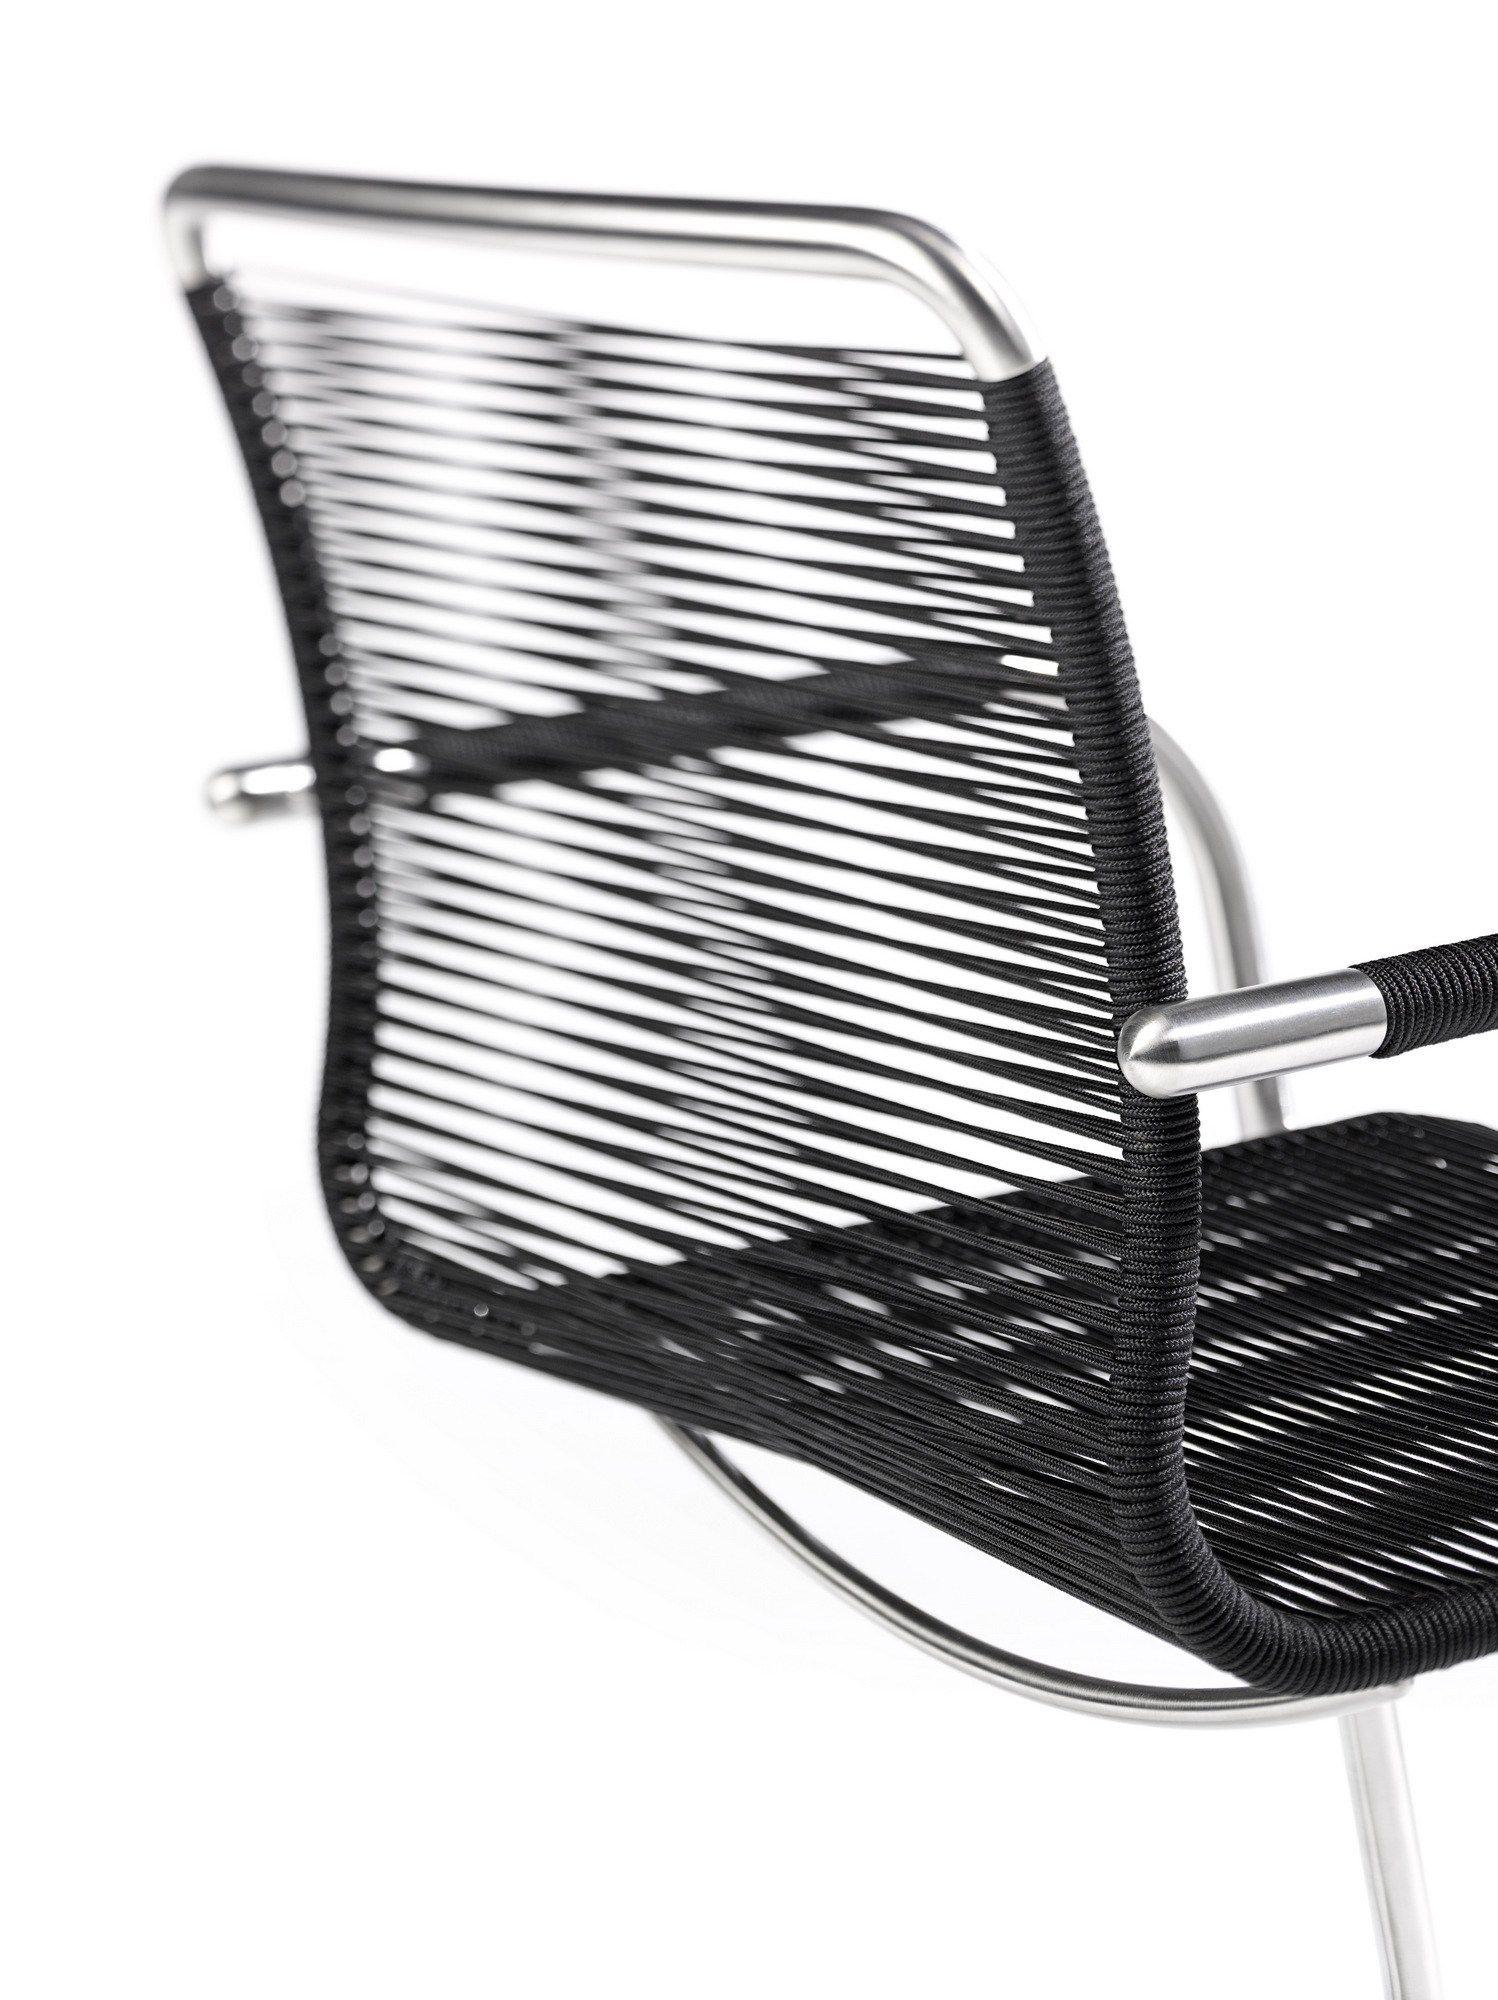 Teakholz Gartenmobel Outlet : Freischwinger aus Seil mit Armlehnen SWING  Stuhl aus Seil  FISCHER